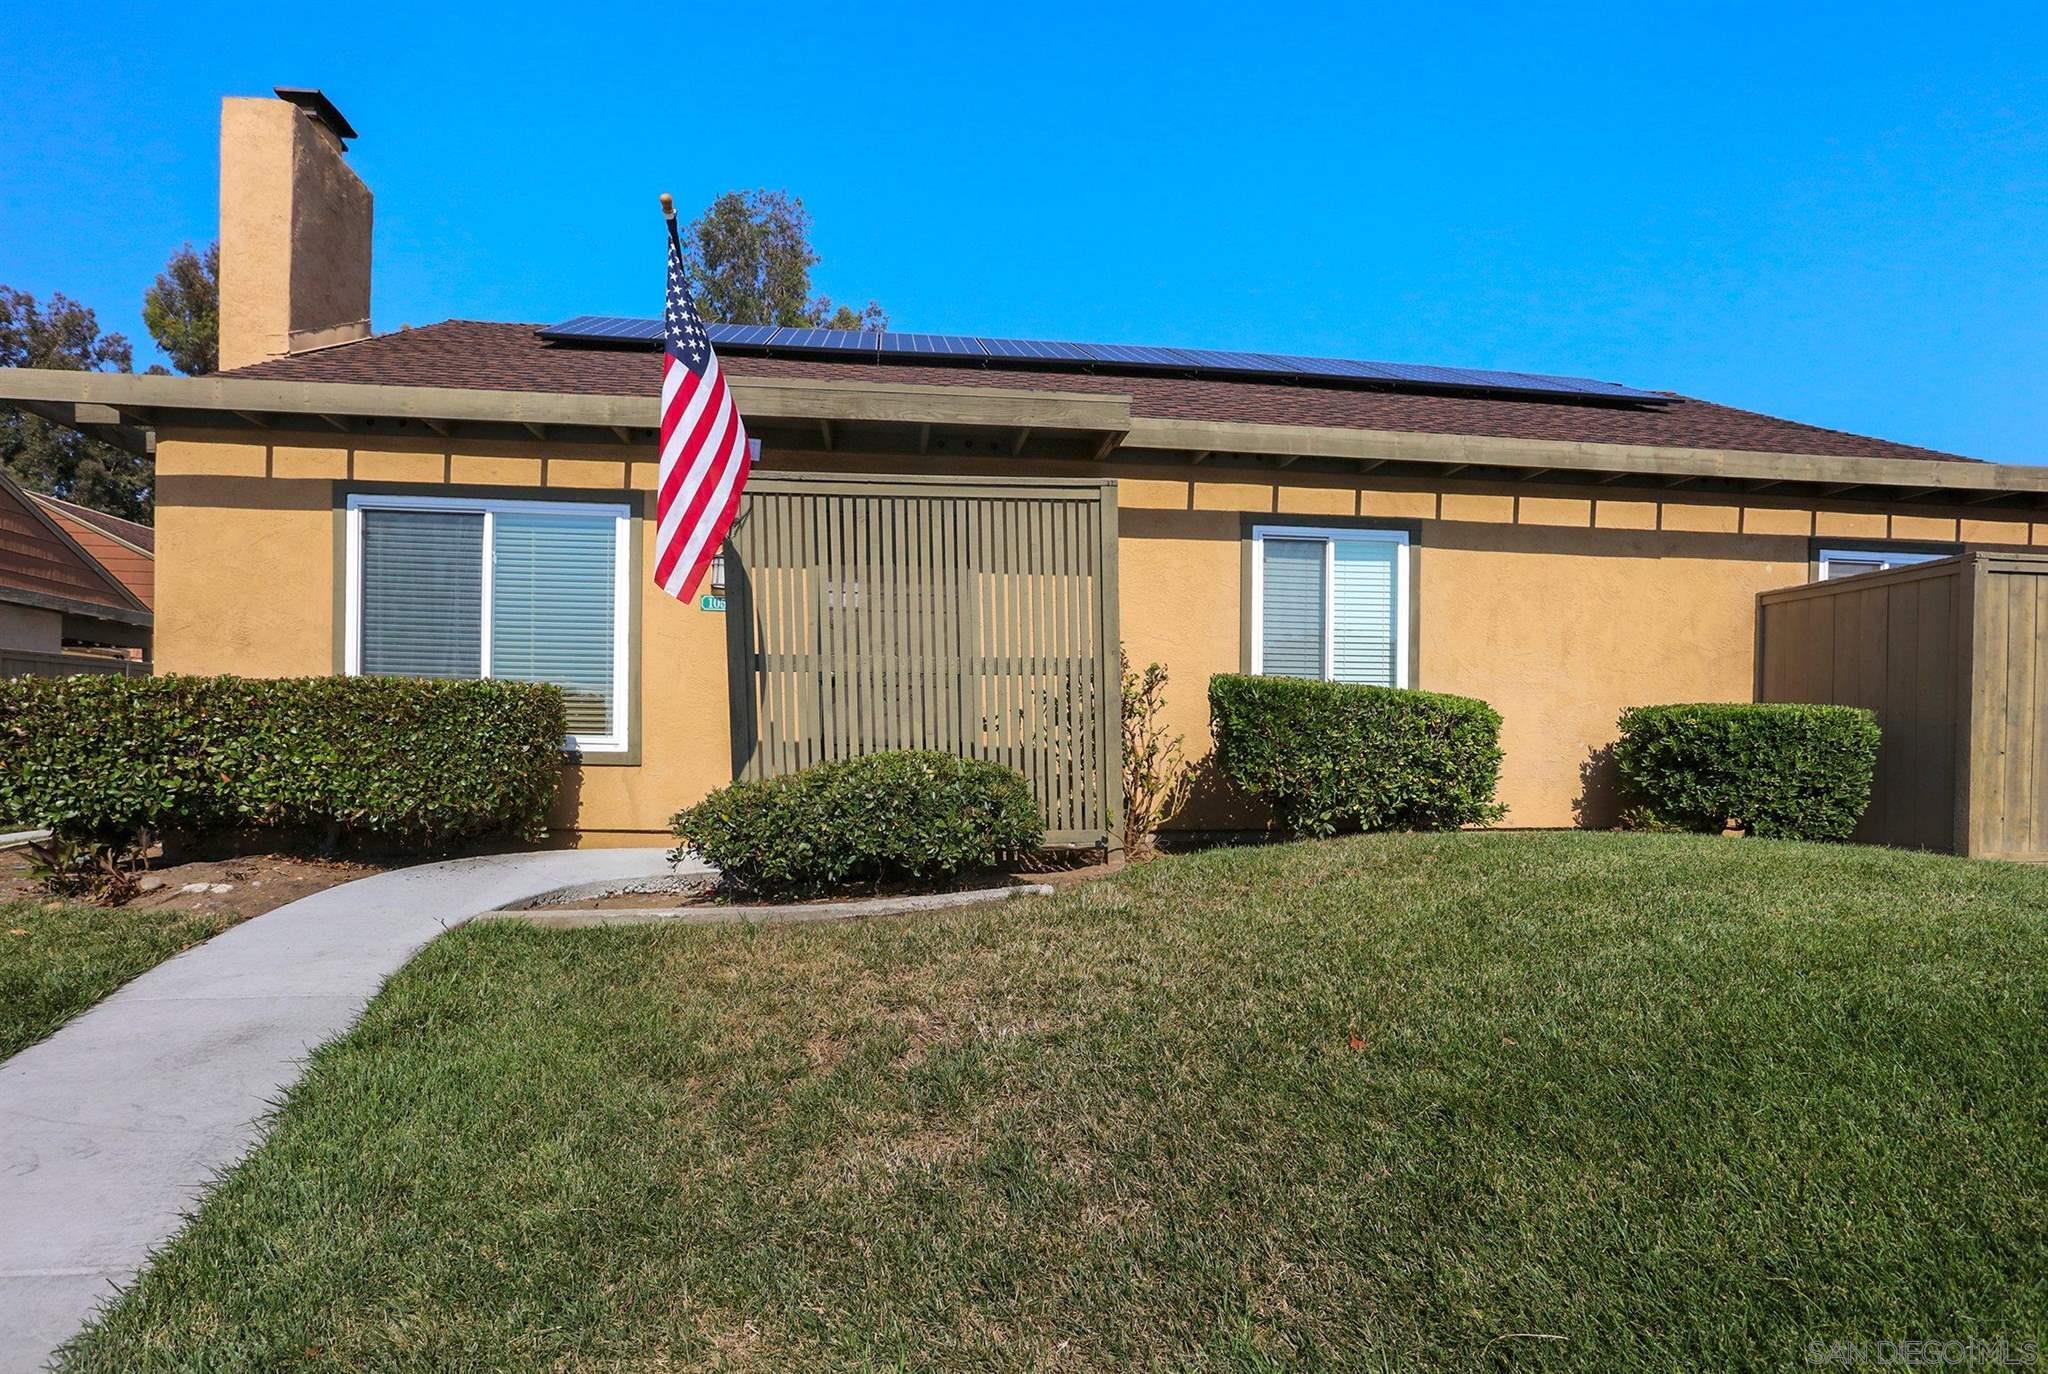 10559 Westonhill Dr, San Diego, CA 92126